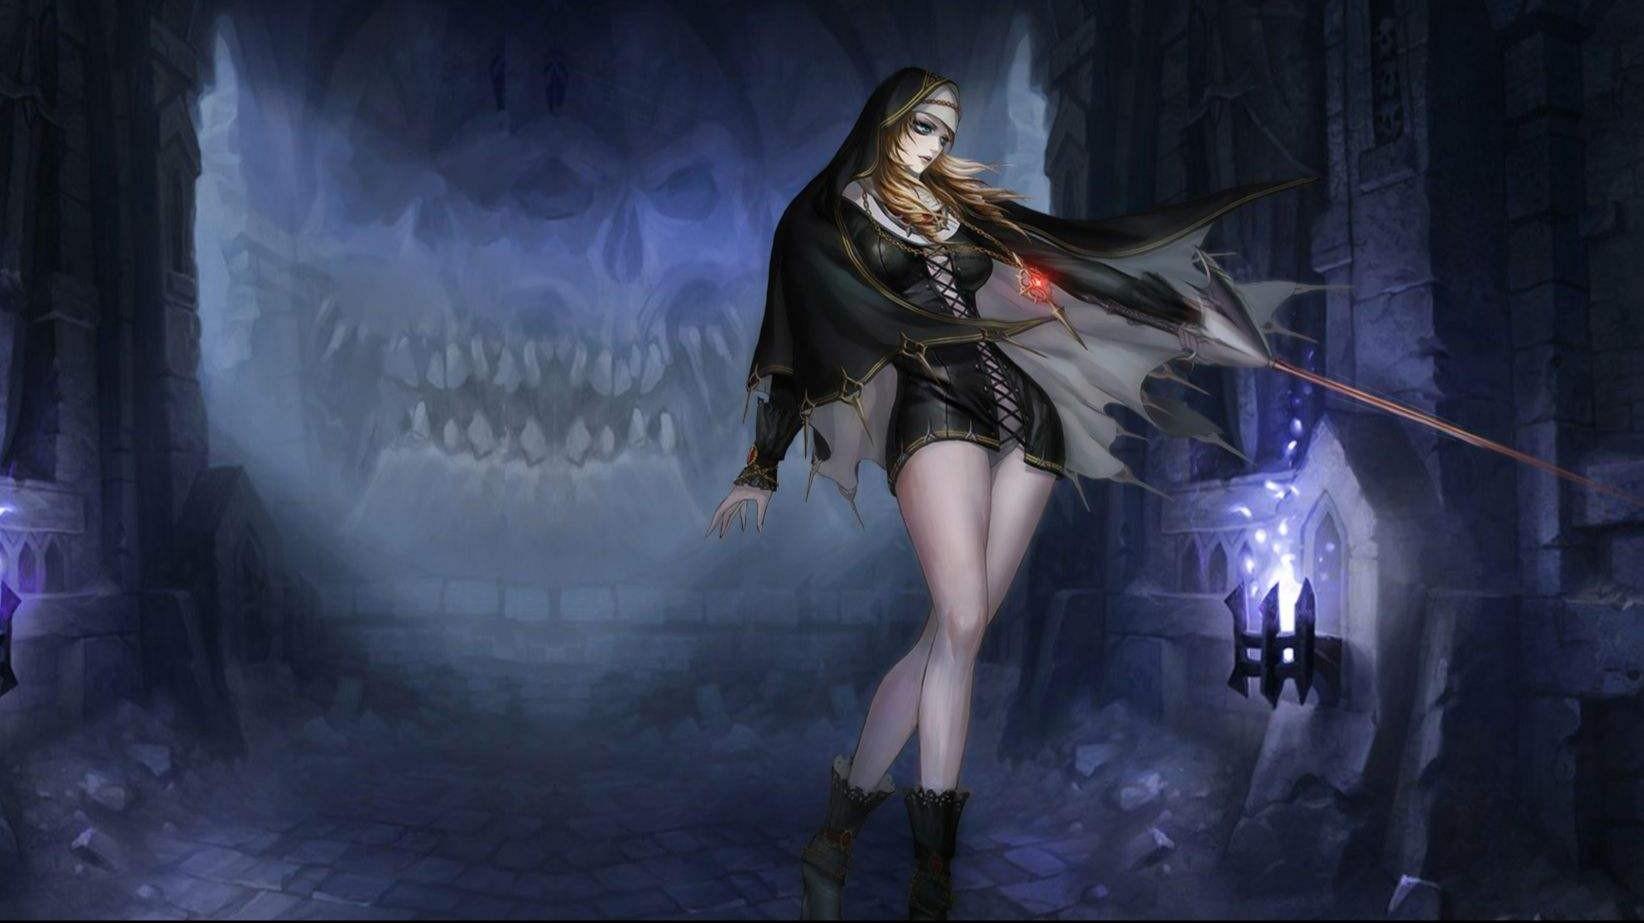 【滿屏幕大腿!】《安魂曲》黑暗修女戲虐boss_嗶哩嗶哩 (゜-゜)つロ 干杯~-bilibili